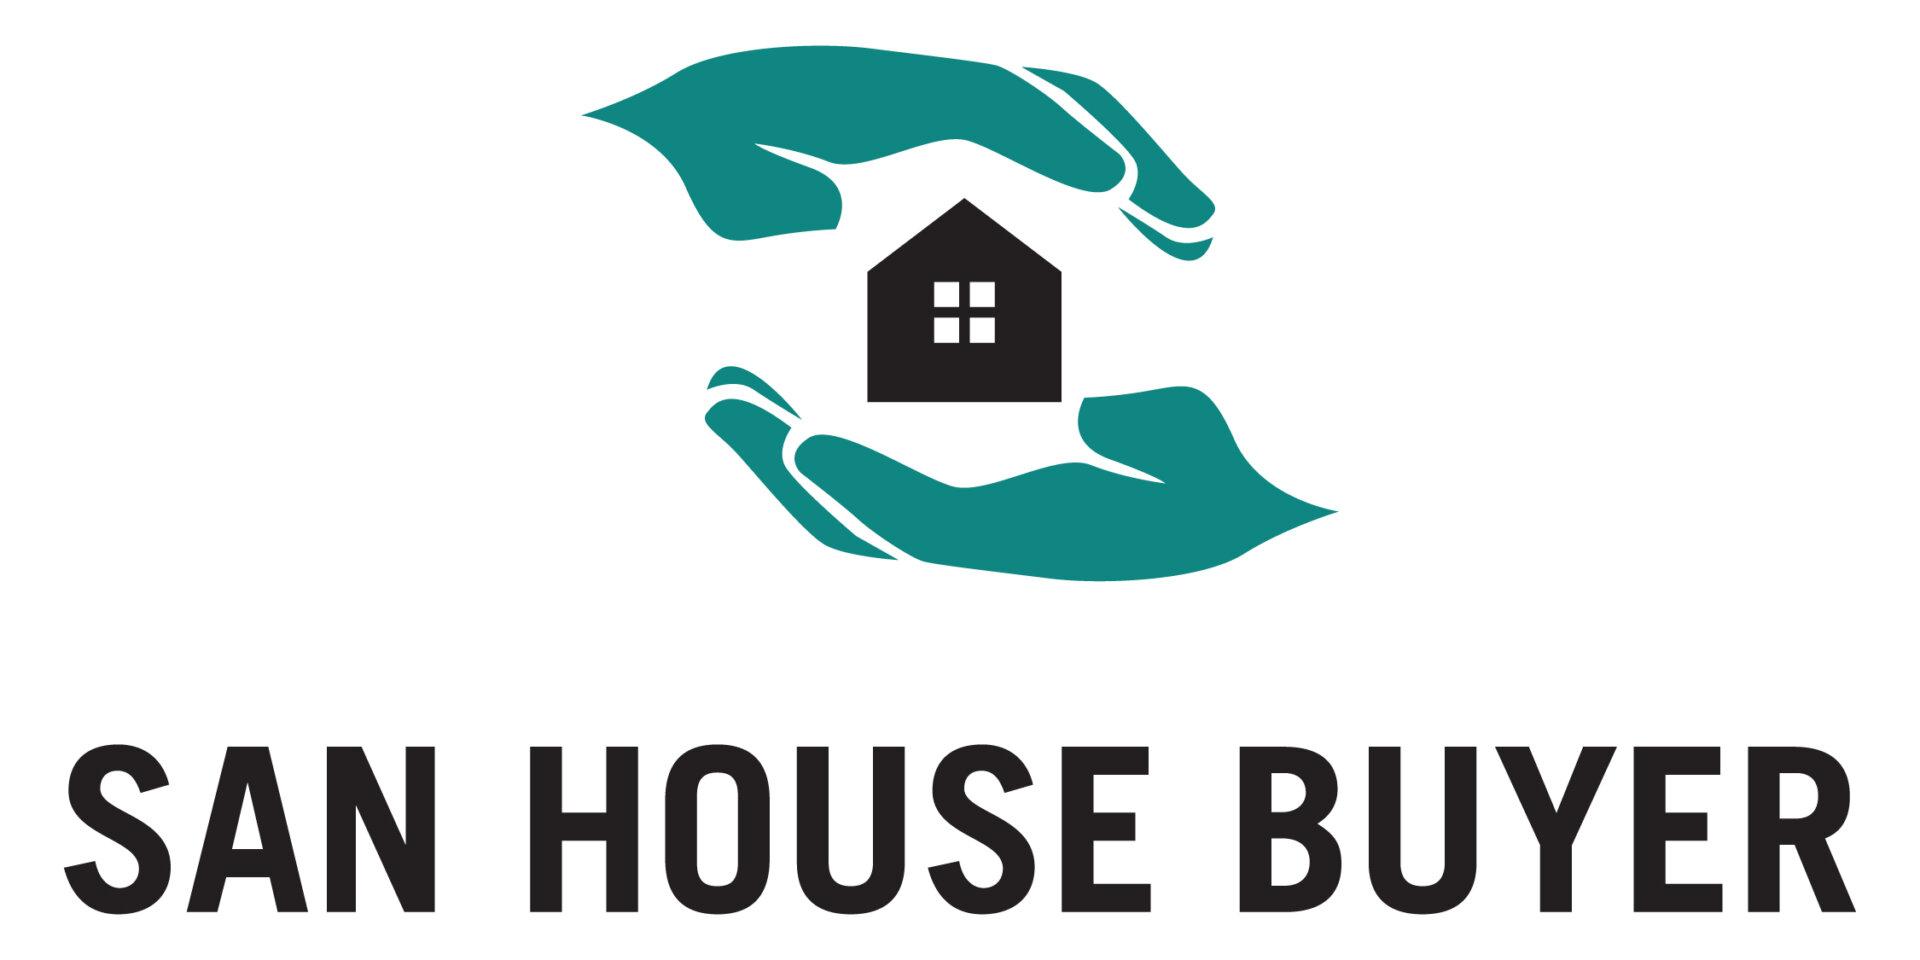 San House Buyer logo